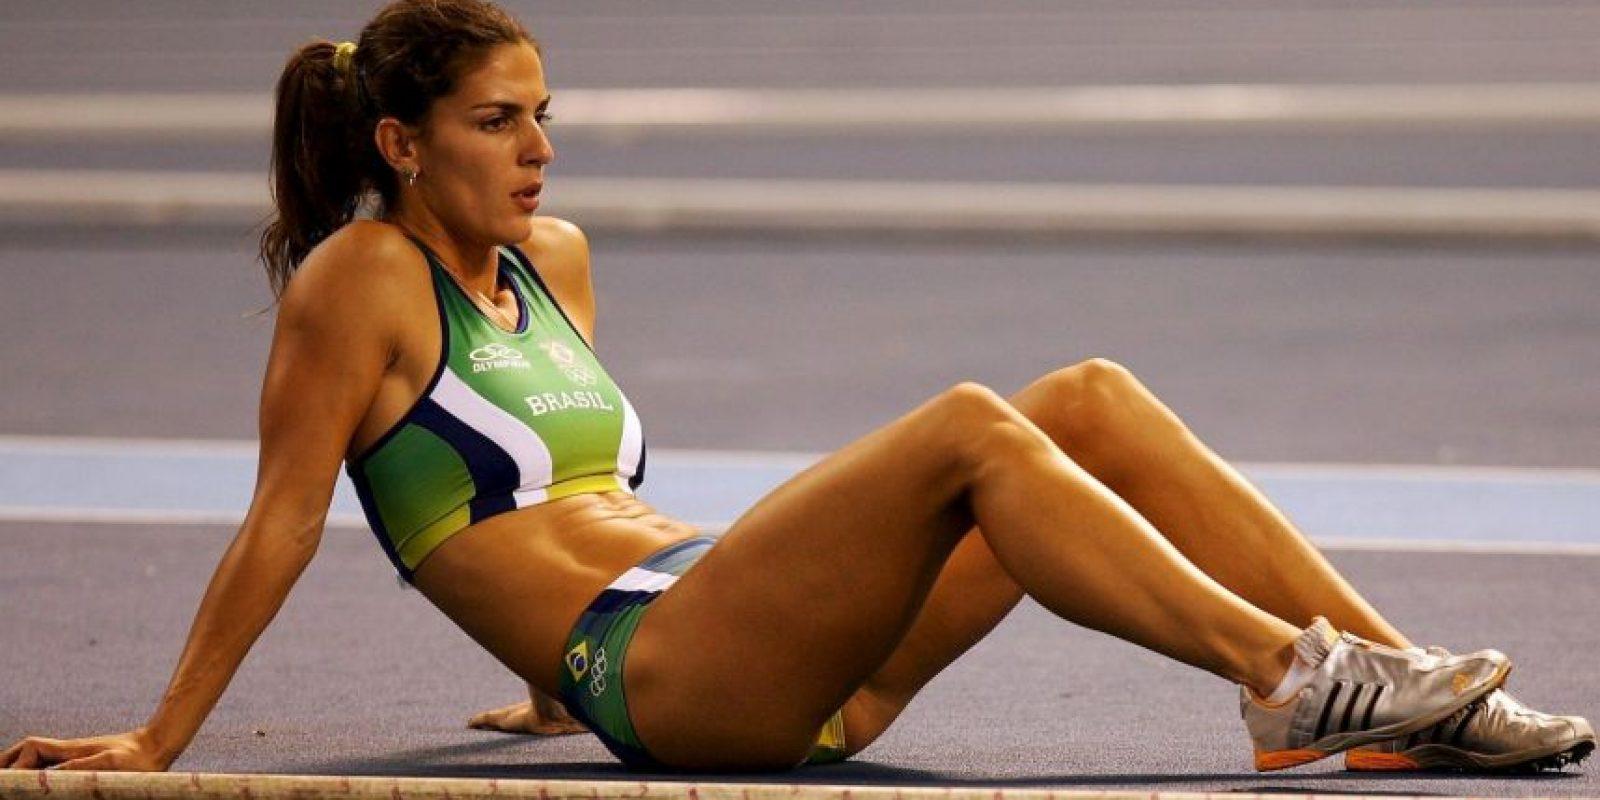 Joana Costa pensaba formar parte del staff de Río 2016 como voluntaria Foto:Getty Images